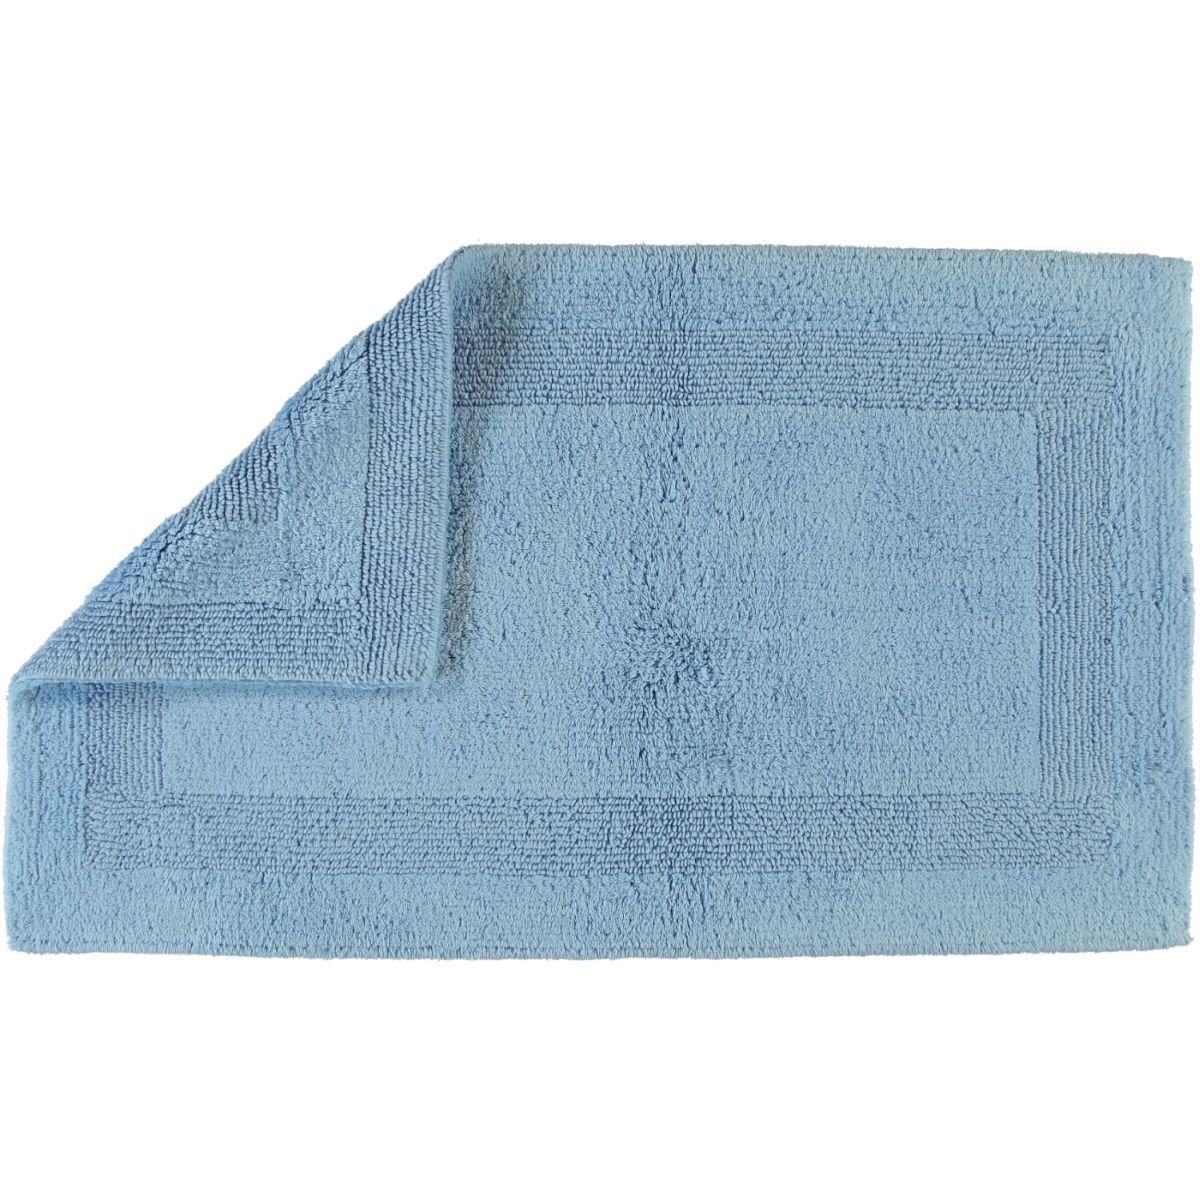 Cawö Wendeteppich Luxus 1000 Mittelblau - 188 Größe 60 x 100